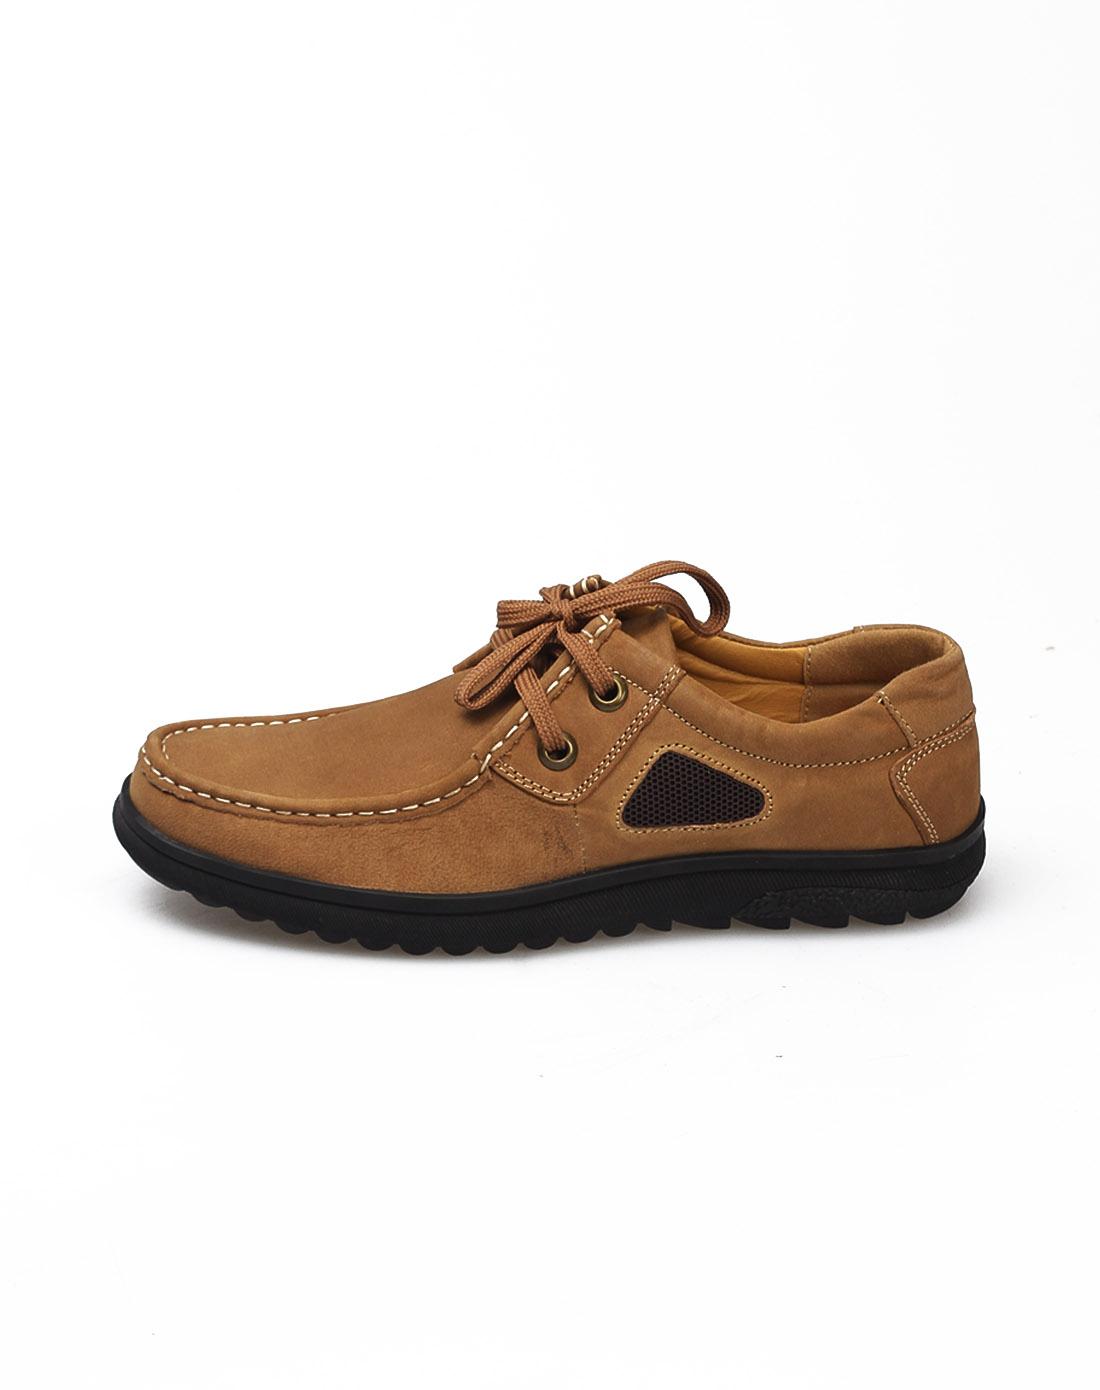 aaa浅棕色简约舒适皮鞋b386603721